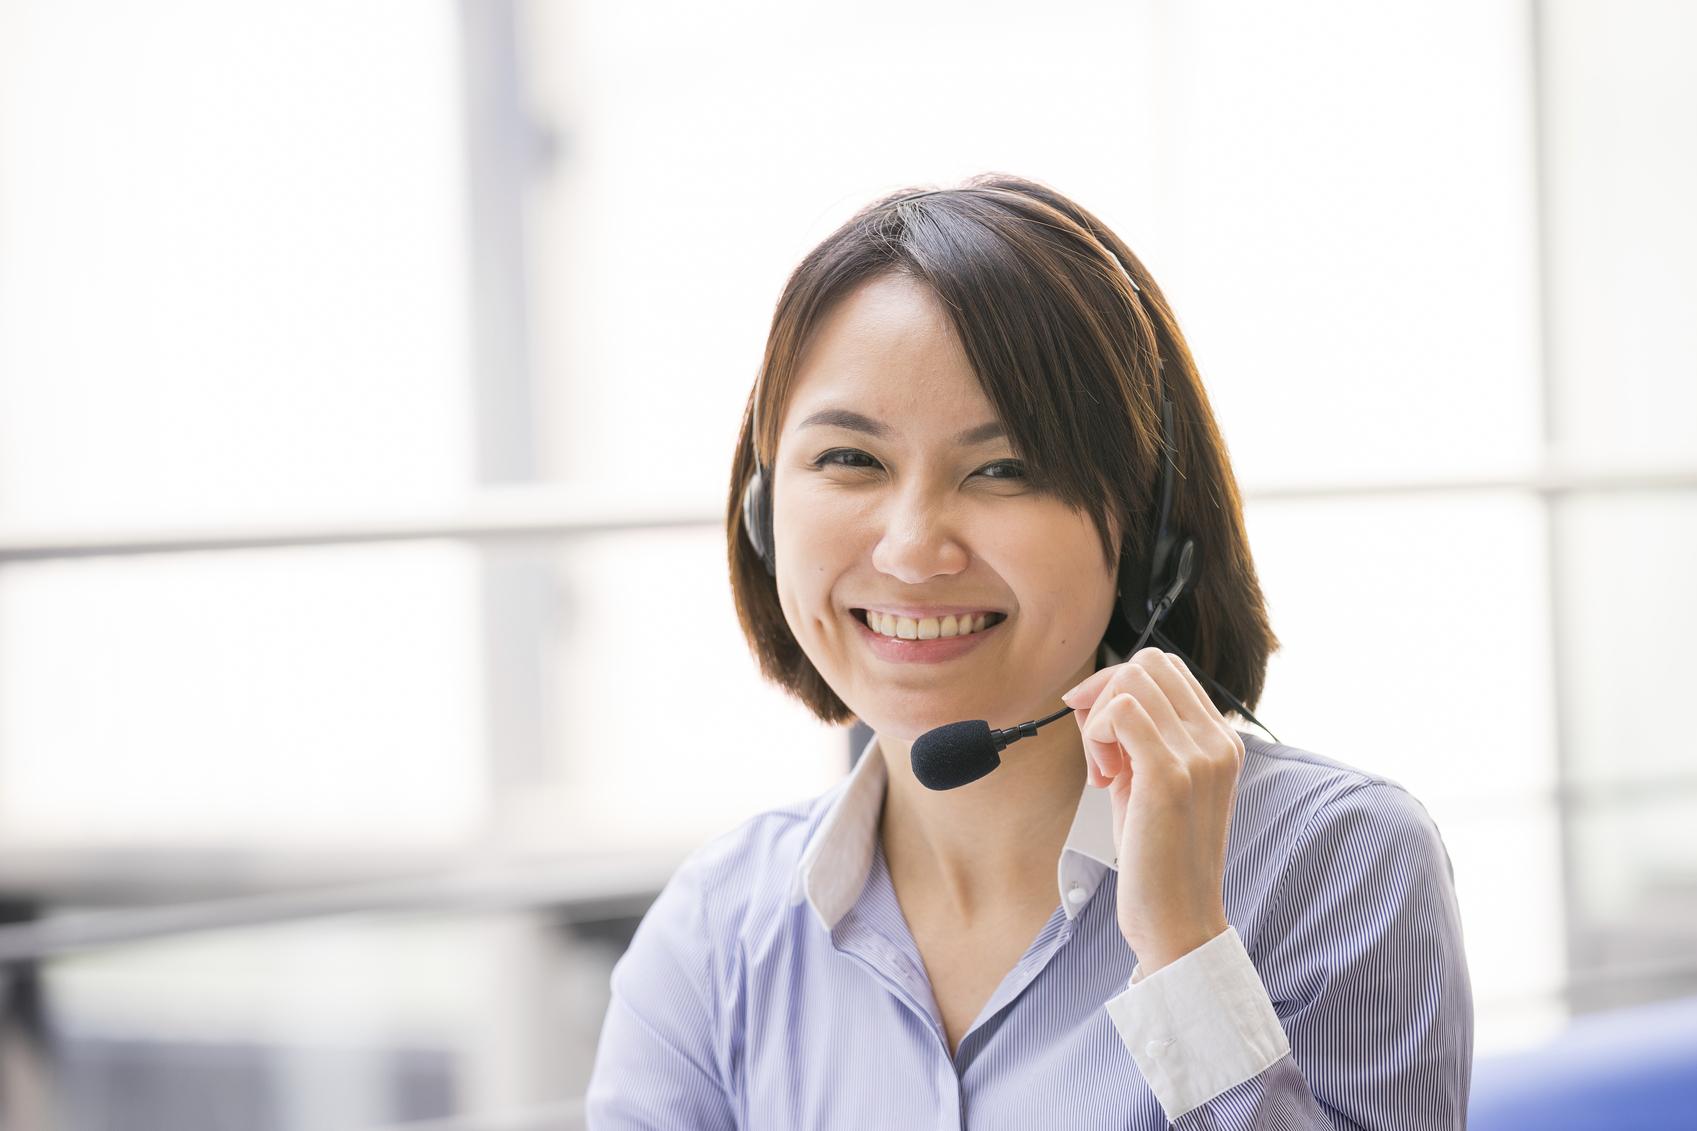 Vorteile für Sie und Ihre Kunden durch Free Call Servicenummern